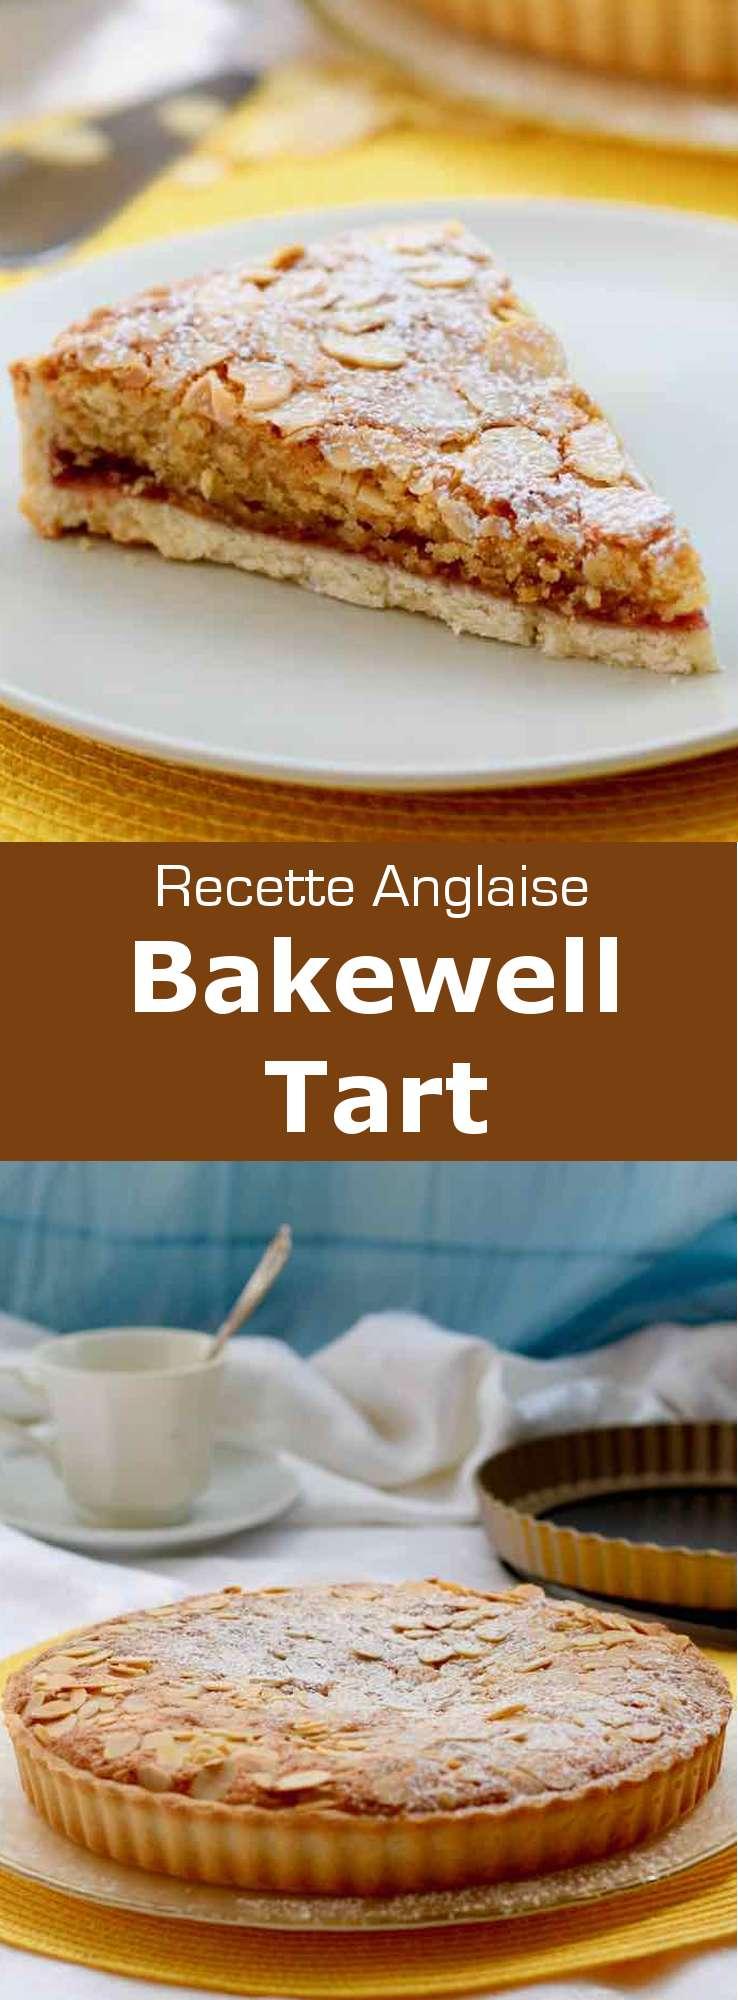 La Bakewell tart est une délicieuse tarte à la confiture de framboise et à la frangipane, une recette traditionnelle classique en Angleterre. #RoyaumeUni #Angleterre #RecetteAnglaise #RecetteBritannique #CuisineAnglaise #CuisineBritannique #CuisineDuMonde #196flavors